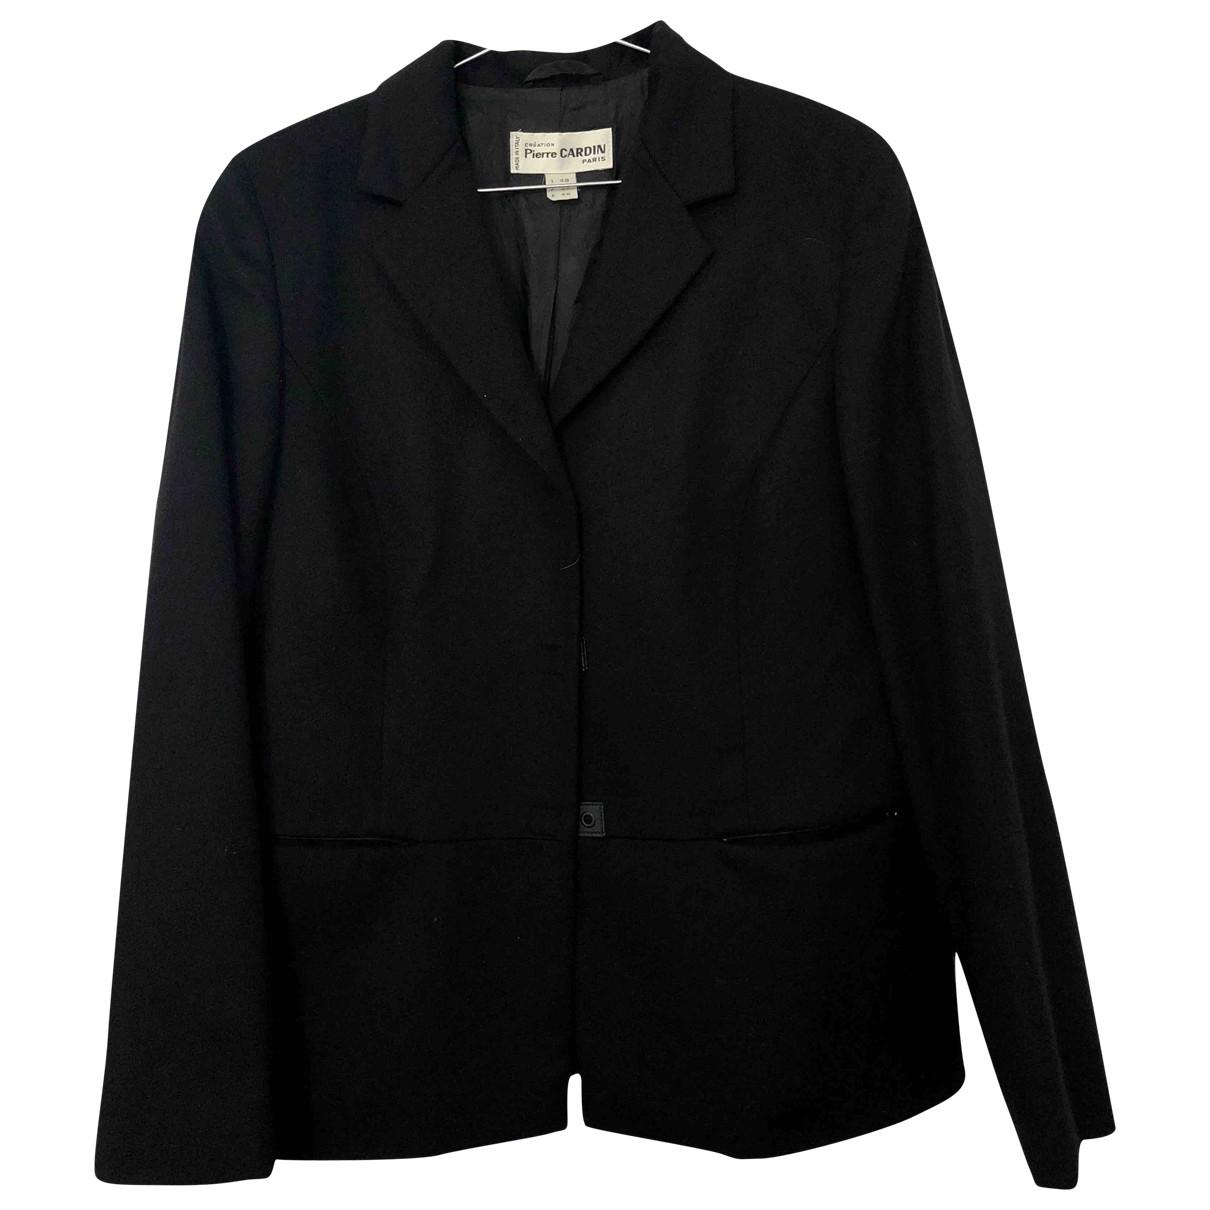 Pierre Cardin \N Black Wool jacket for Women 48 IT